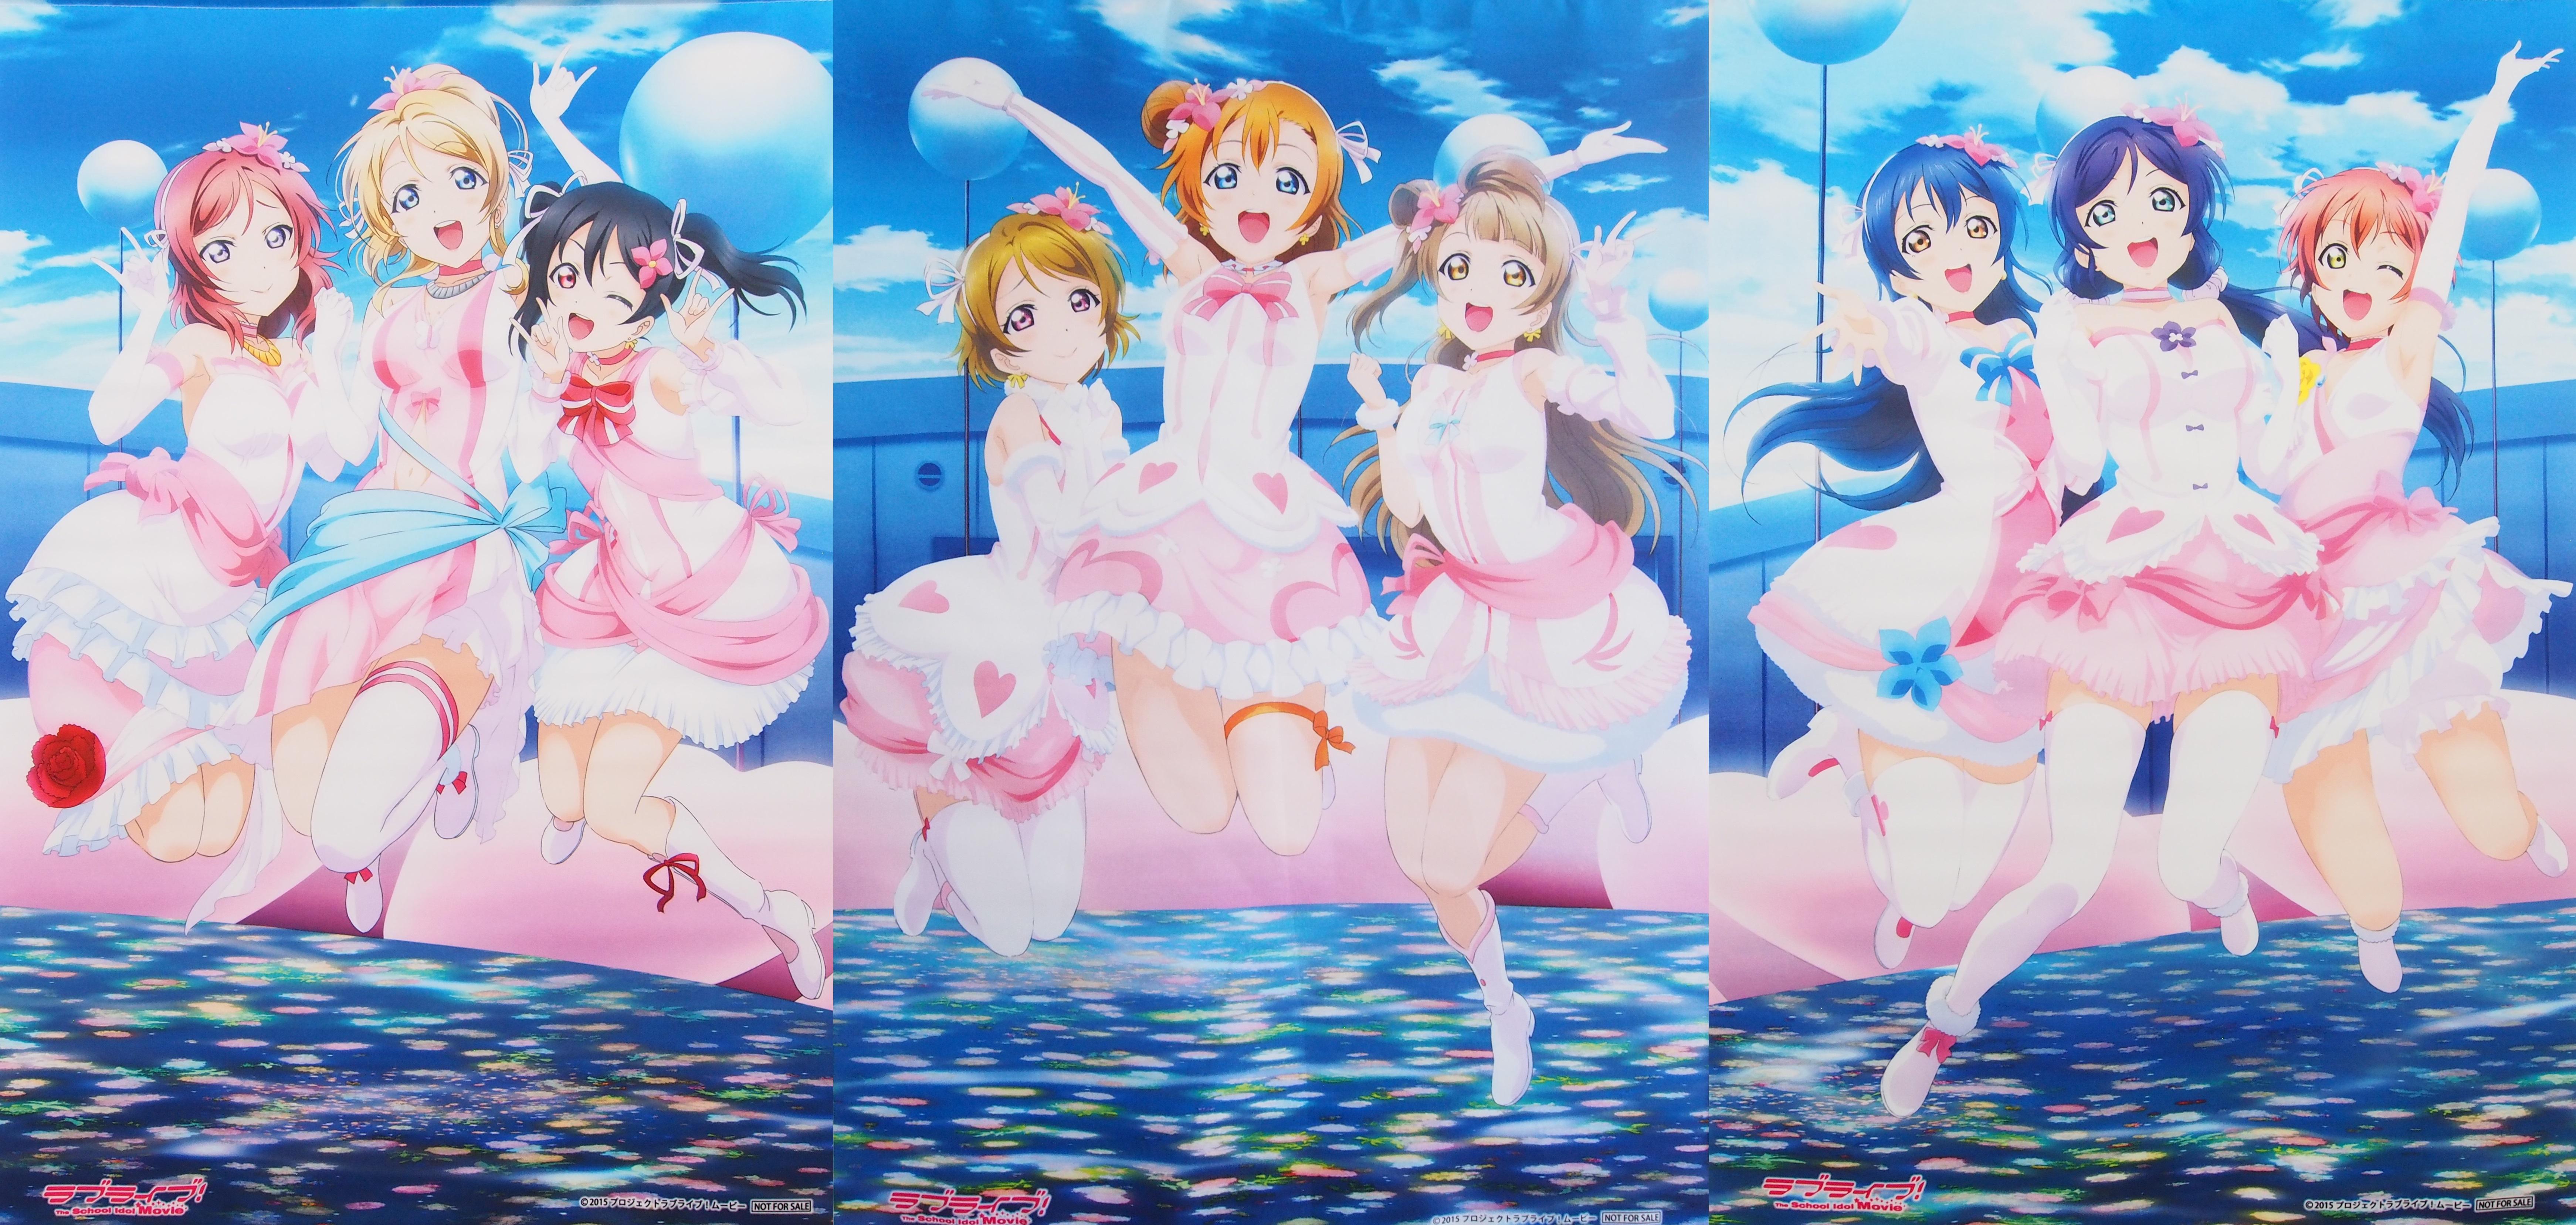 ラブライブ! The School Idol Movie 特典タペストリー3種